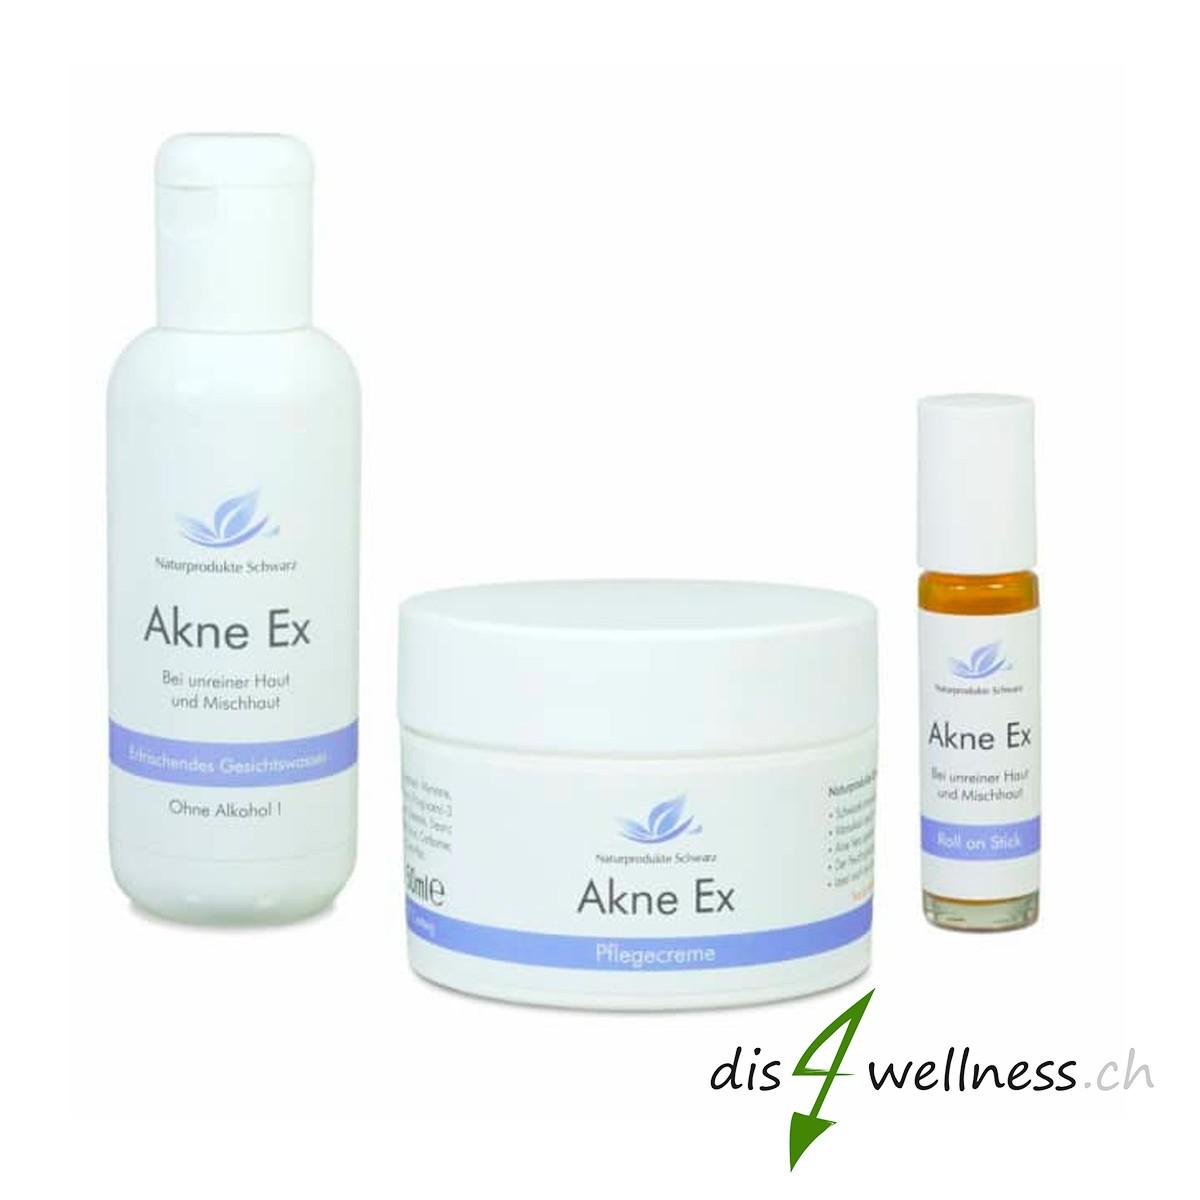 Akne Ex Hautpflegeset bei Pickel und gegen unreine Haut